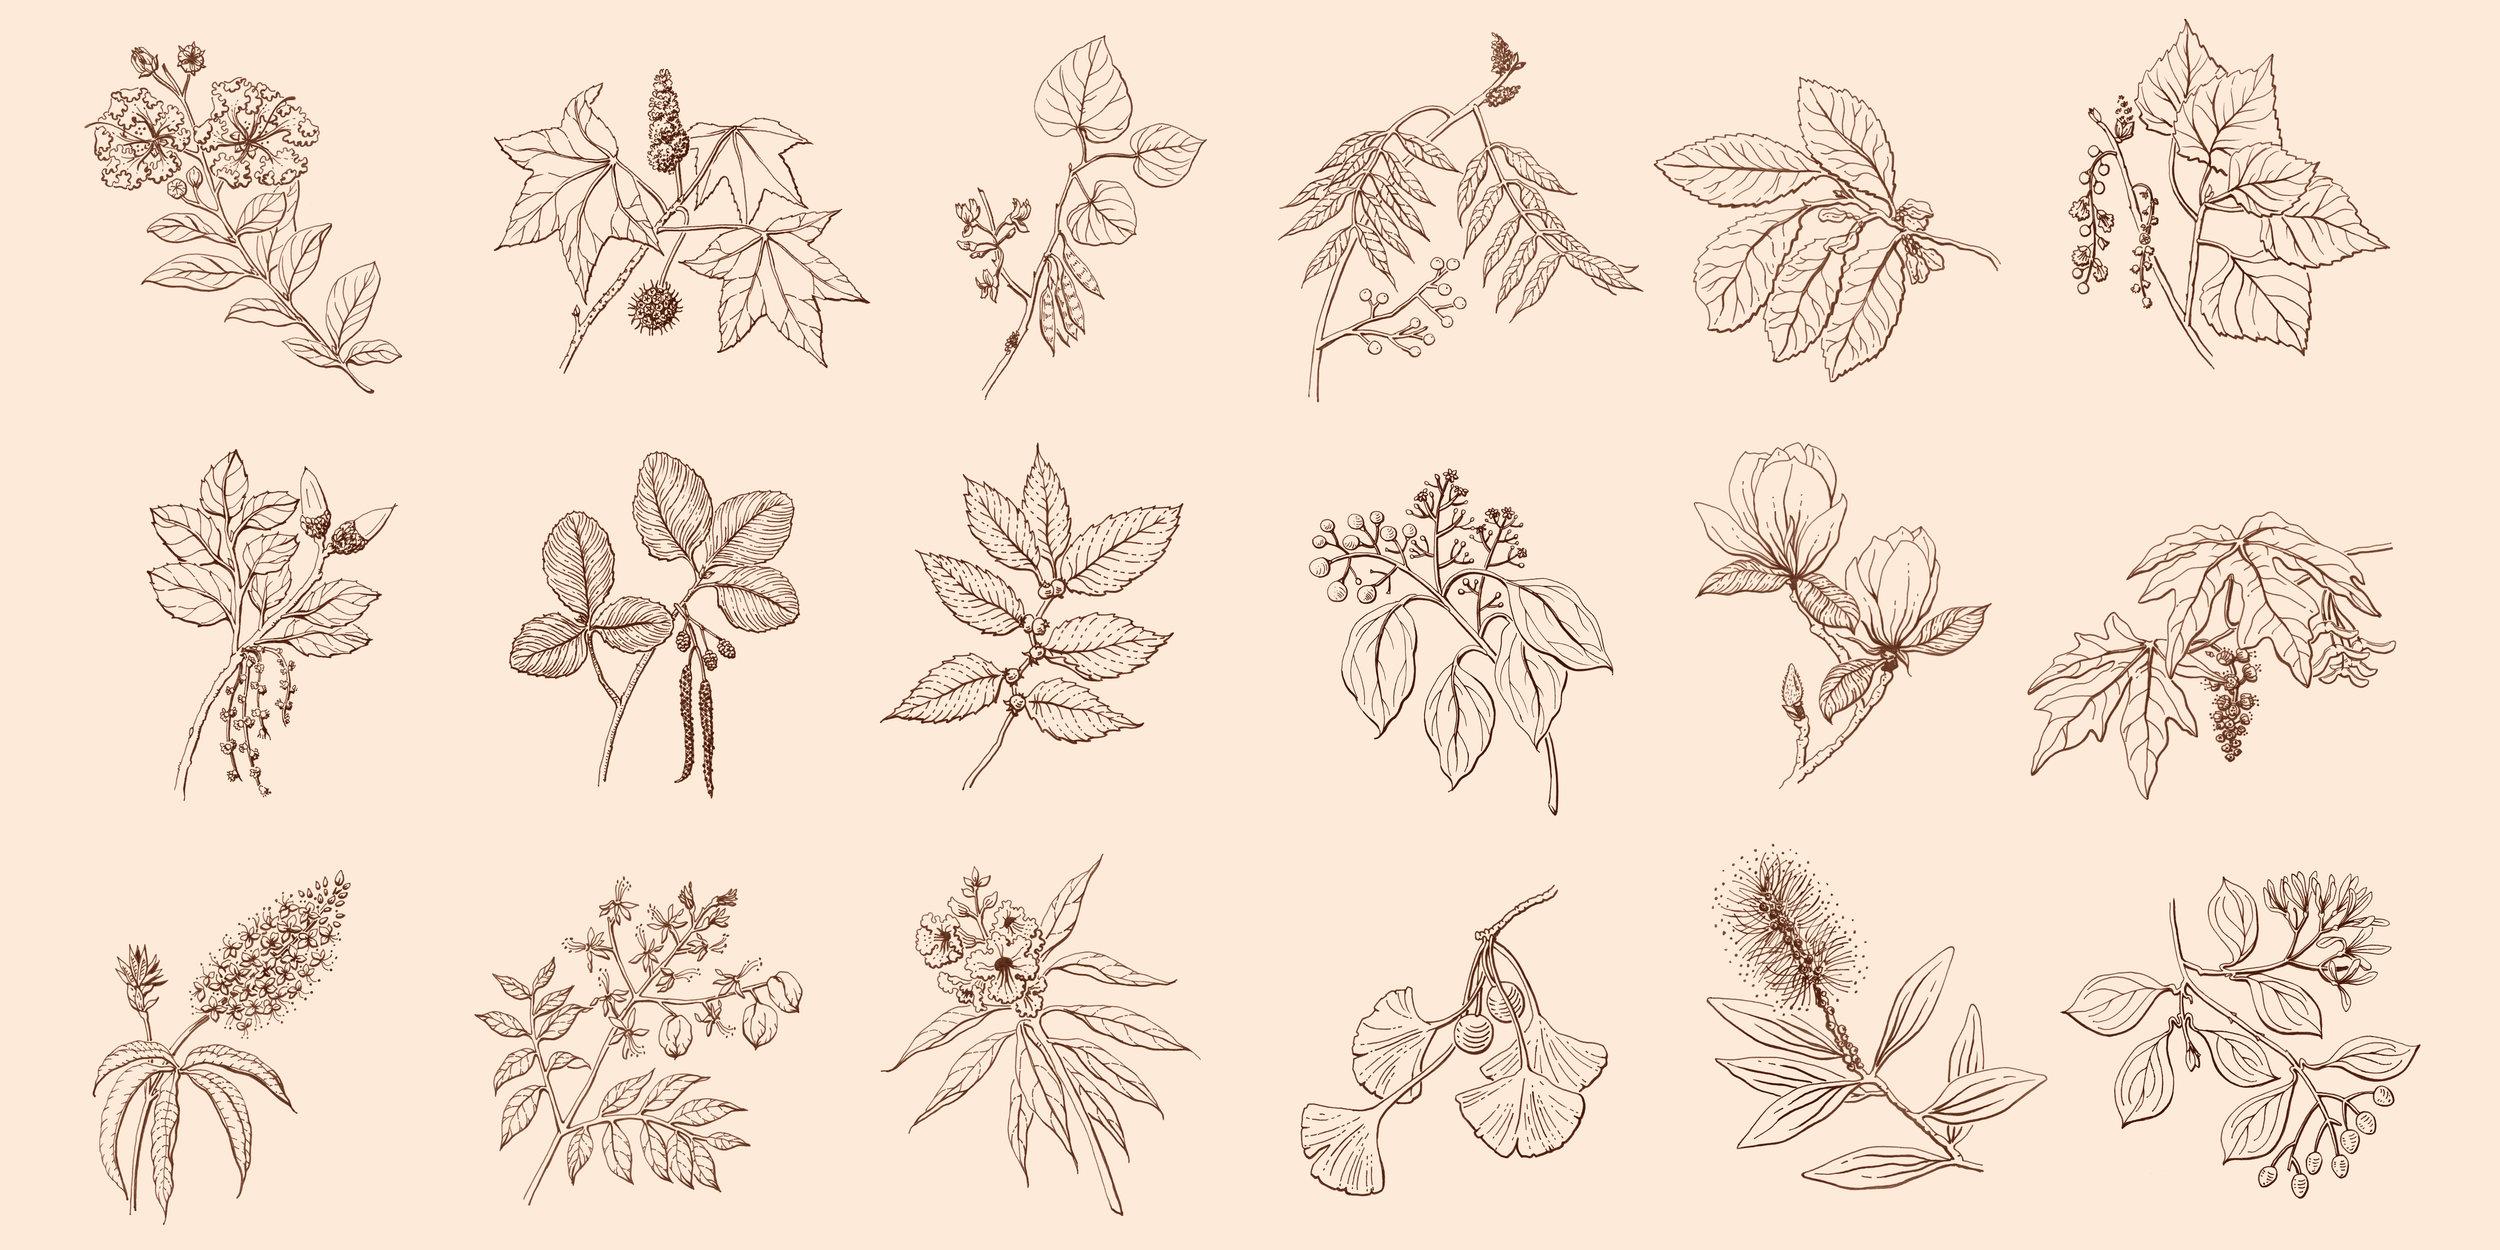 erin-ellis_botanical_signage_facebook_landscape_18_illustrations.jpg